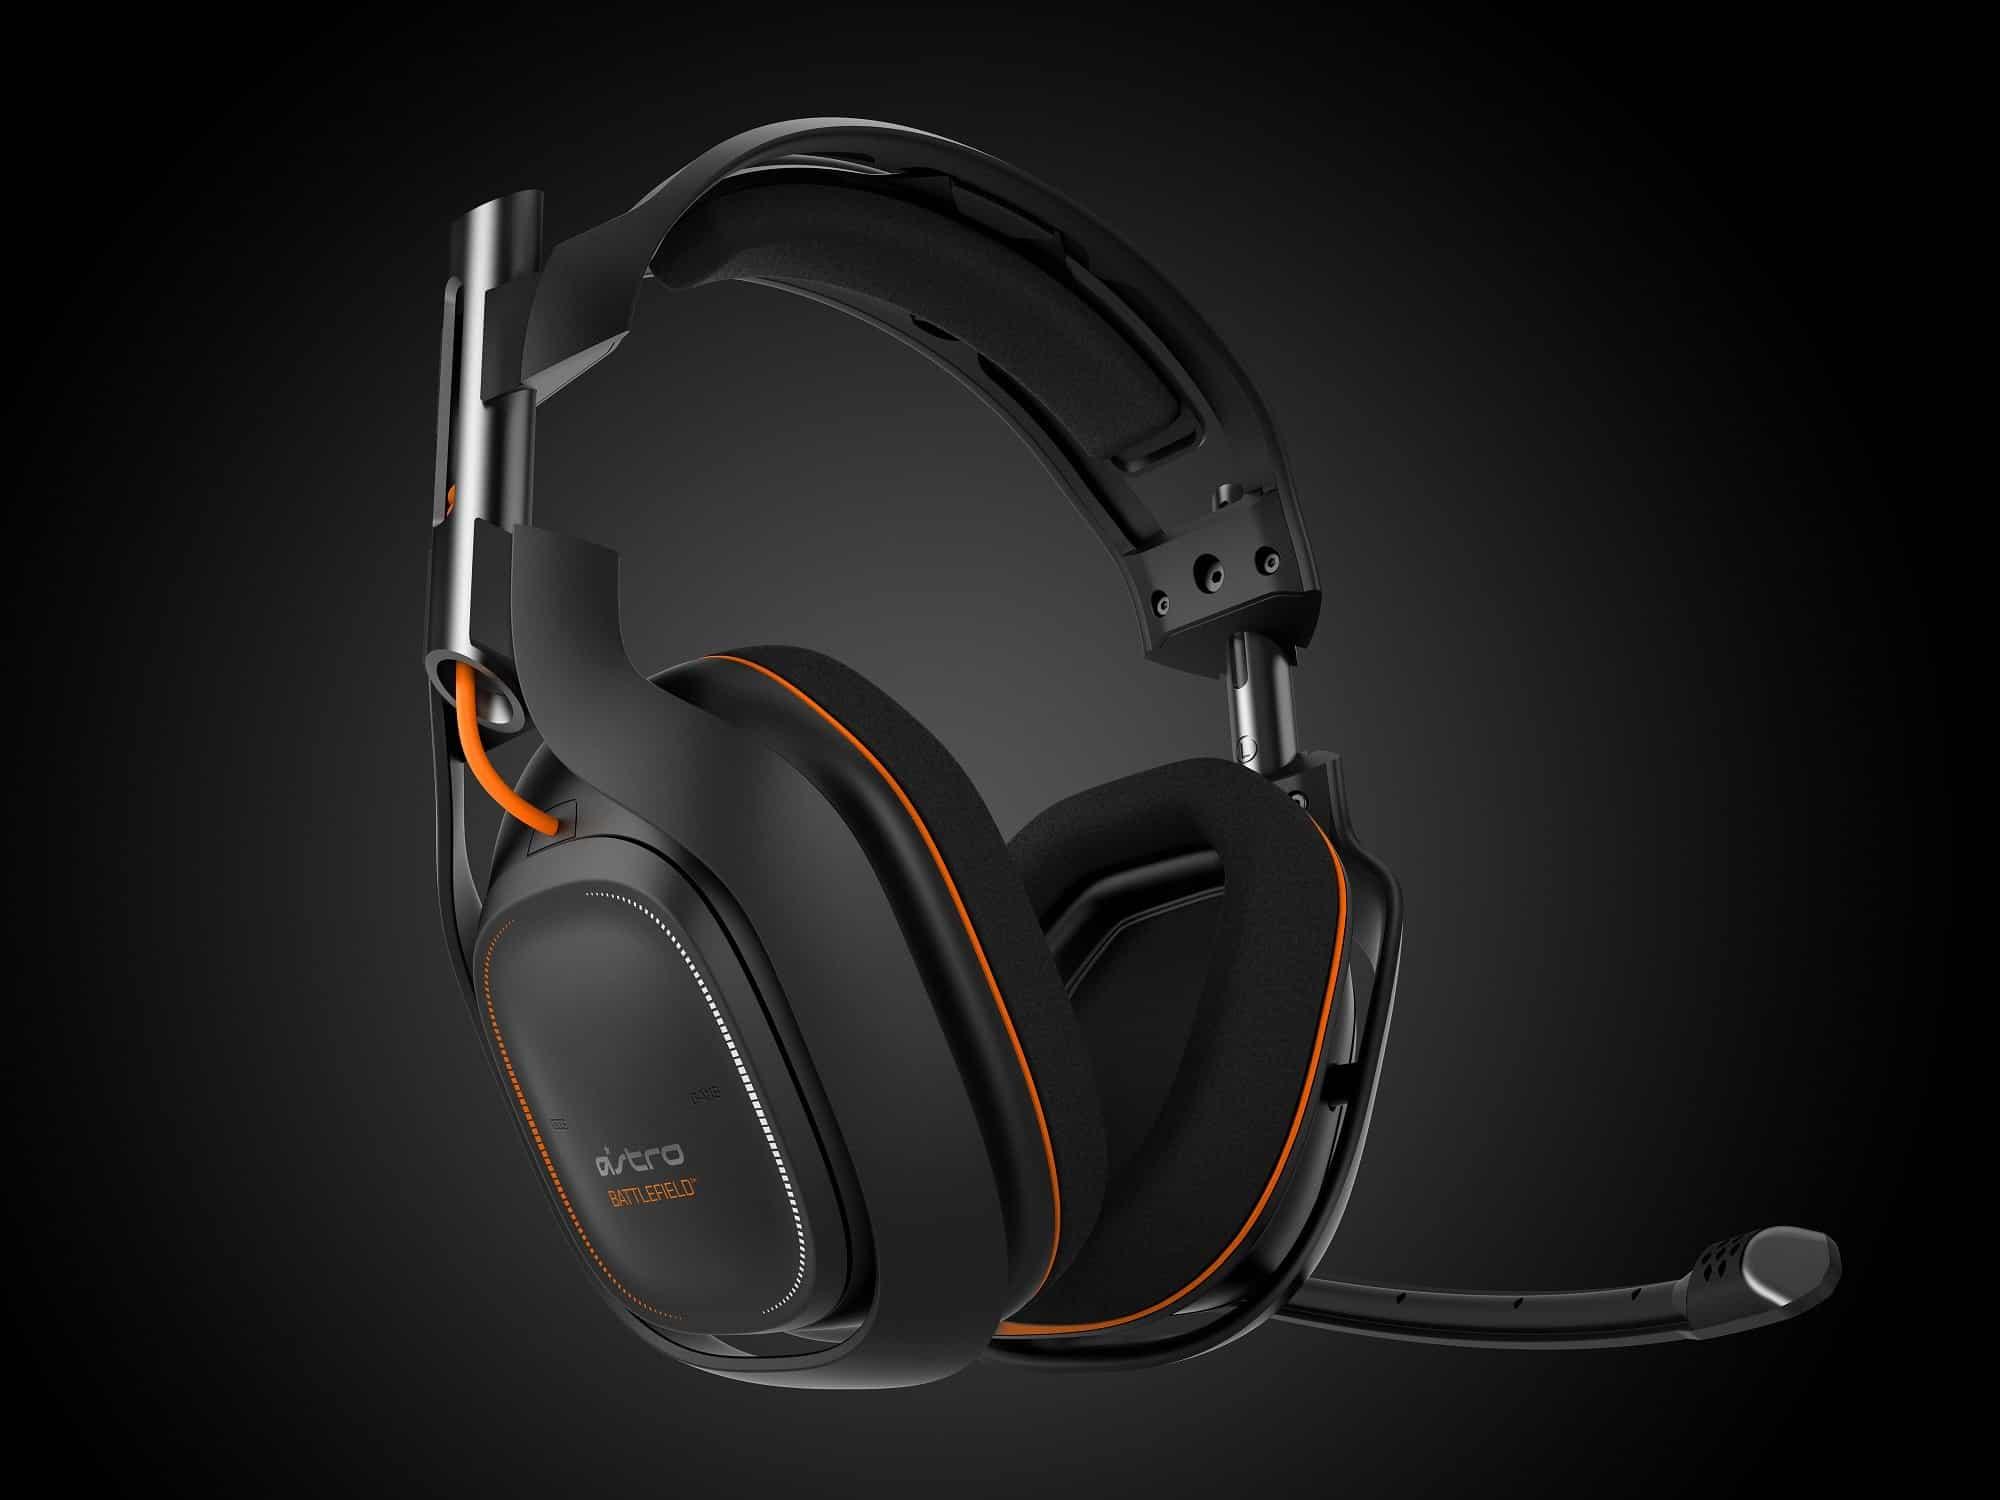 Goedkoopste Gaming Headset kopen